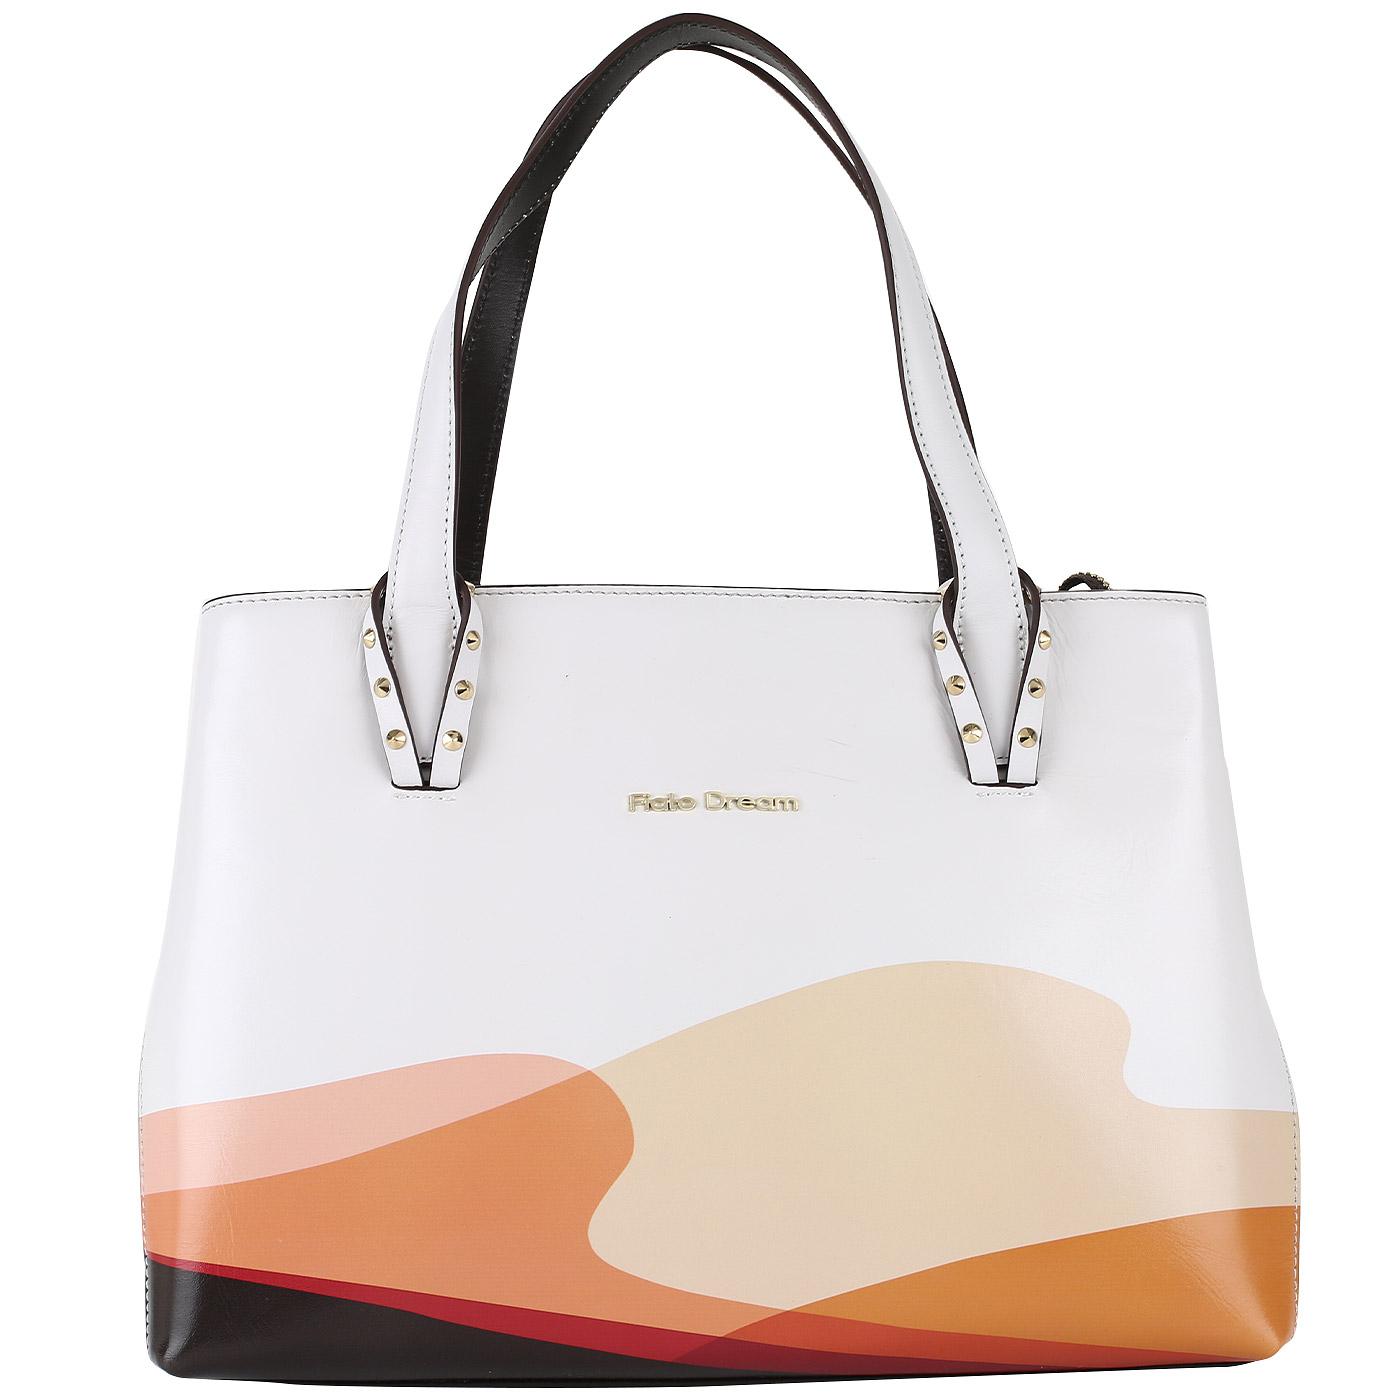 04be496343f2 Женская кожаная сумка с двумя отделениями Fiato Dream 1026 FD ...